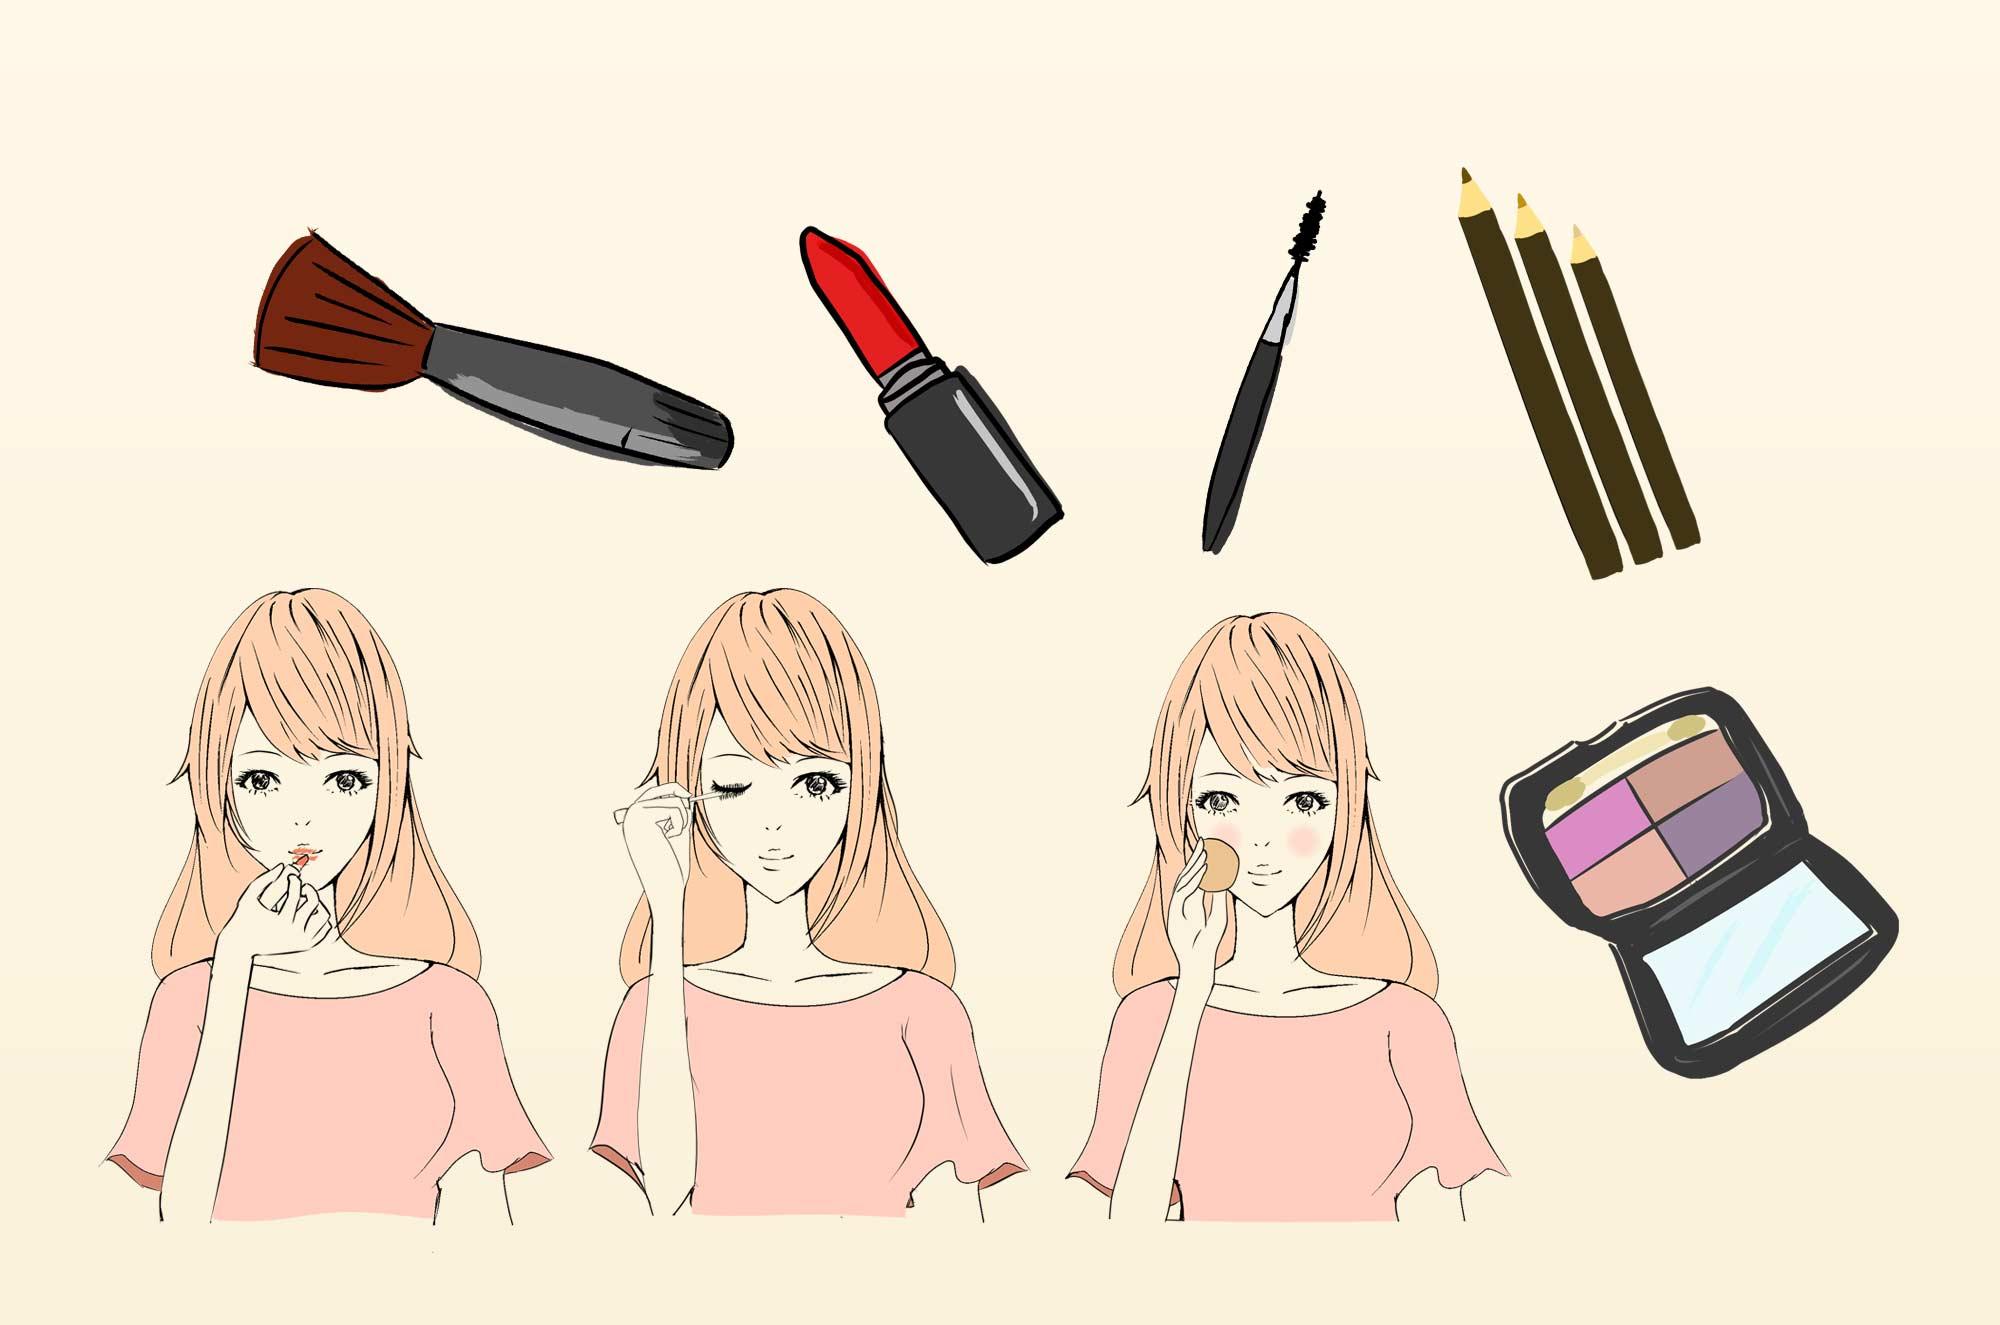 メイクのイラスト 可愛いお化粧イメージの無料素材 チコデザ